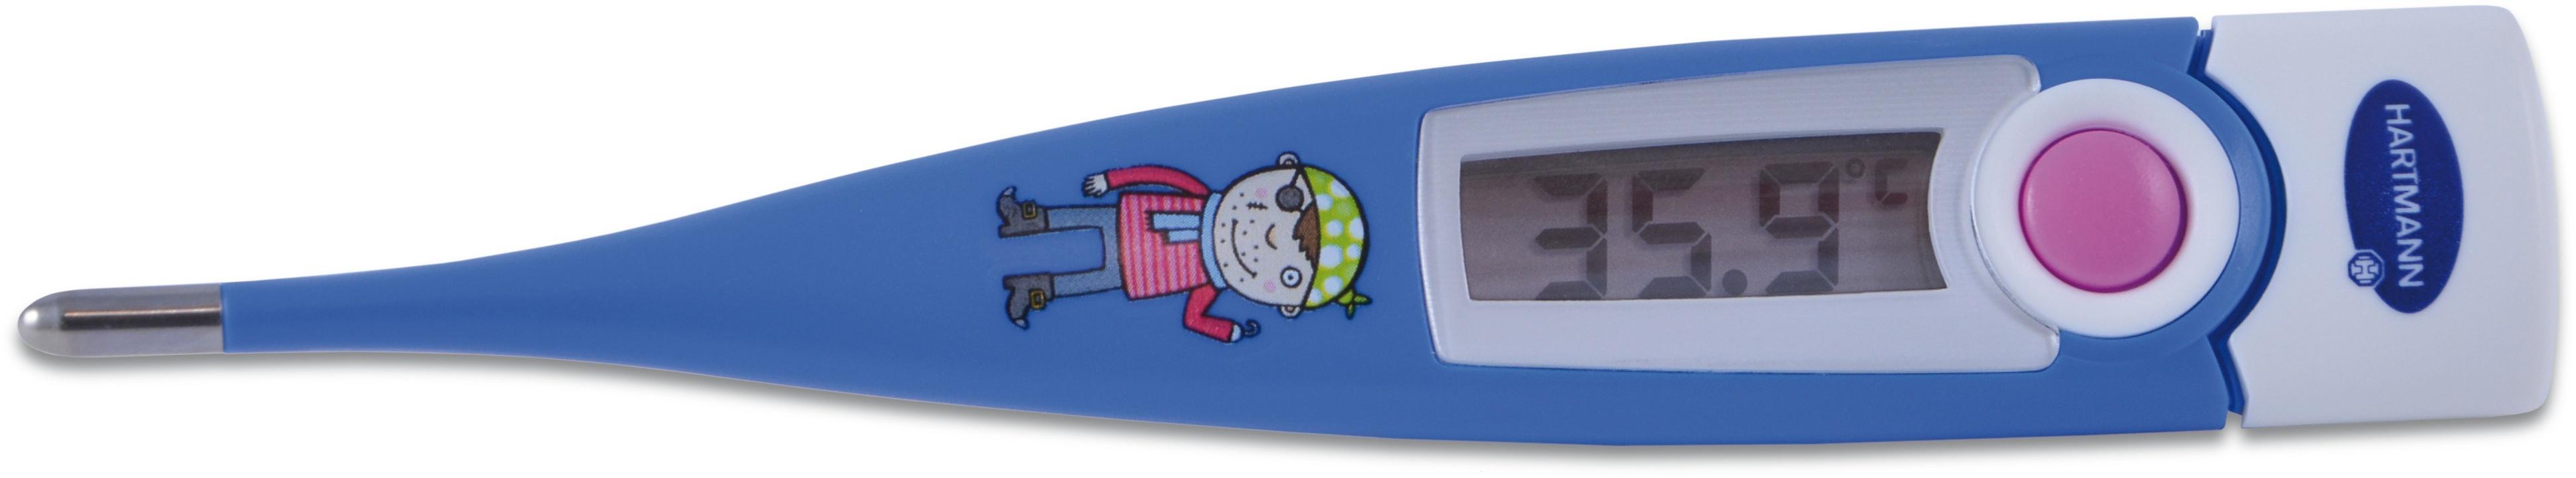 Dětský teploměr Thermoval kids pro snadné měření teploty